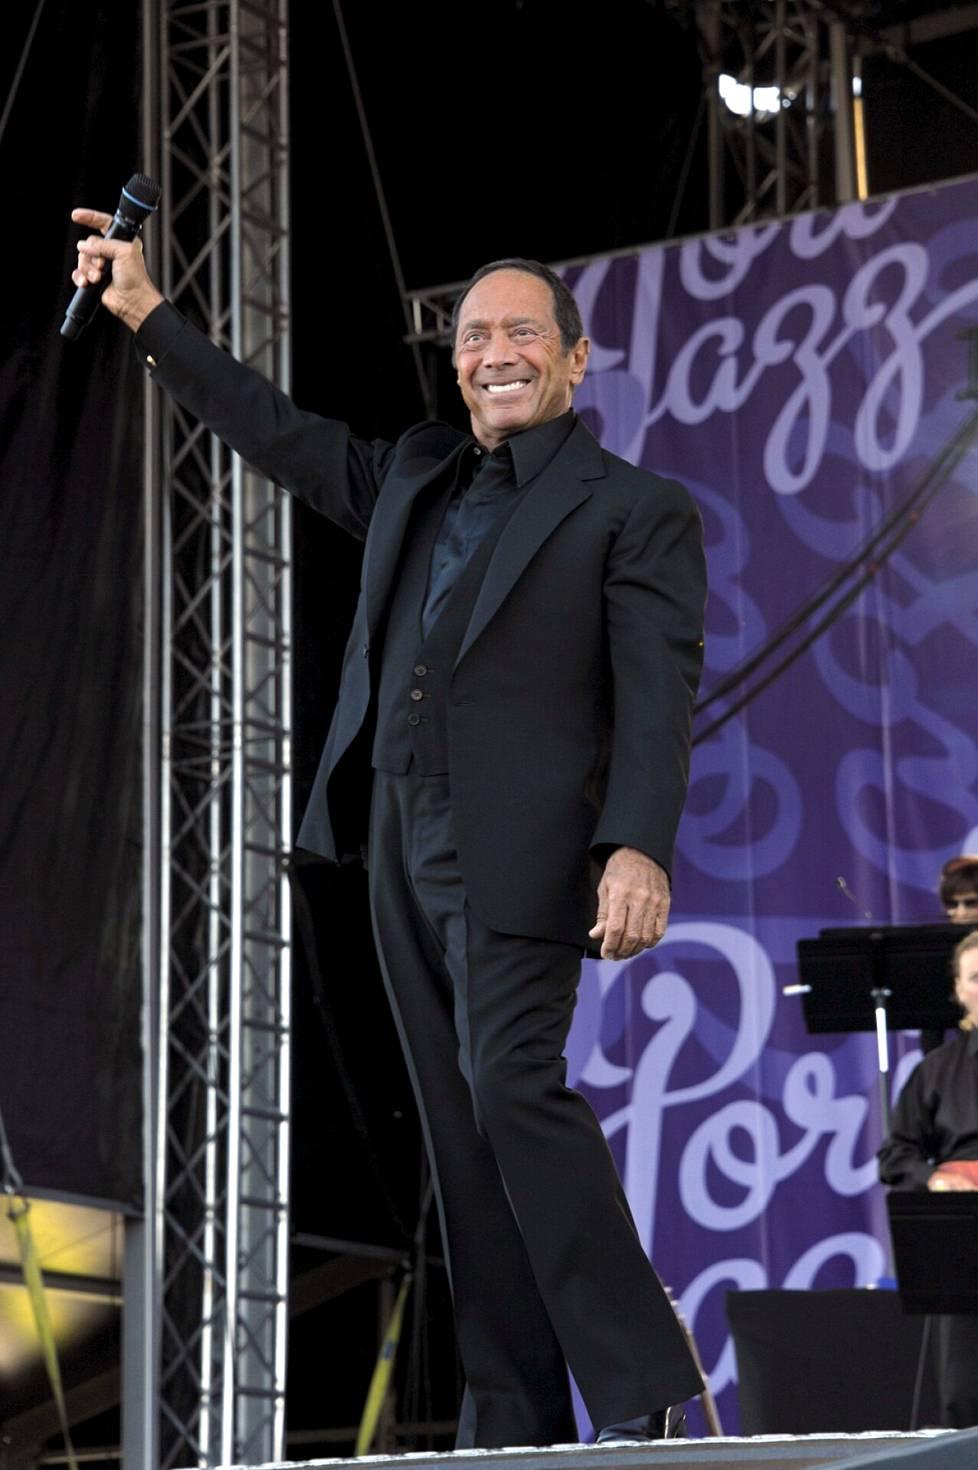 Pori Jazzeilla esiinyminen nostatti leveän hymyn laulajan kasvoille vuonna 2012.